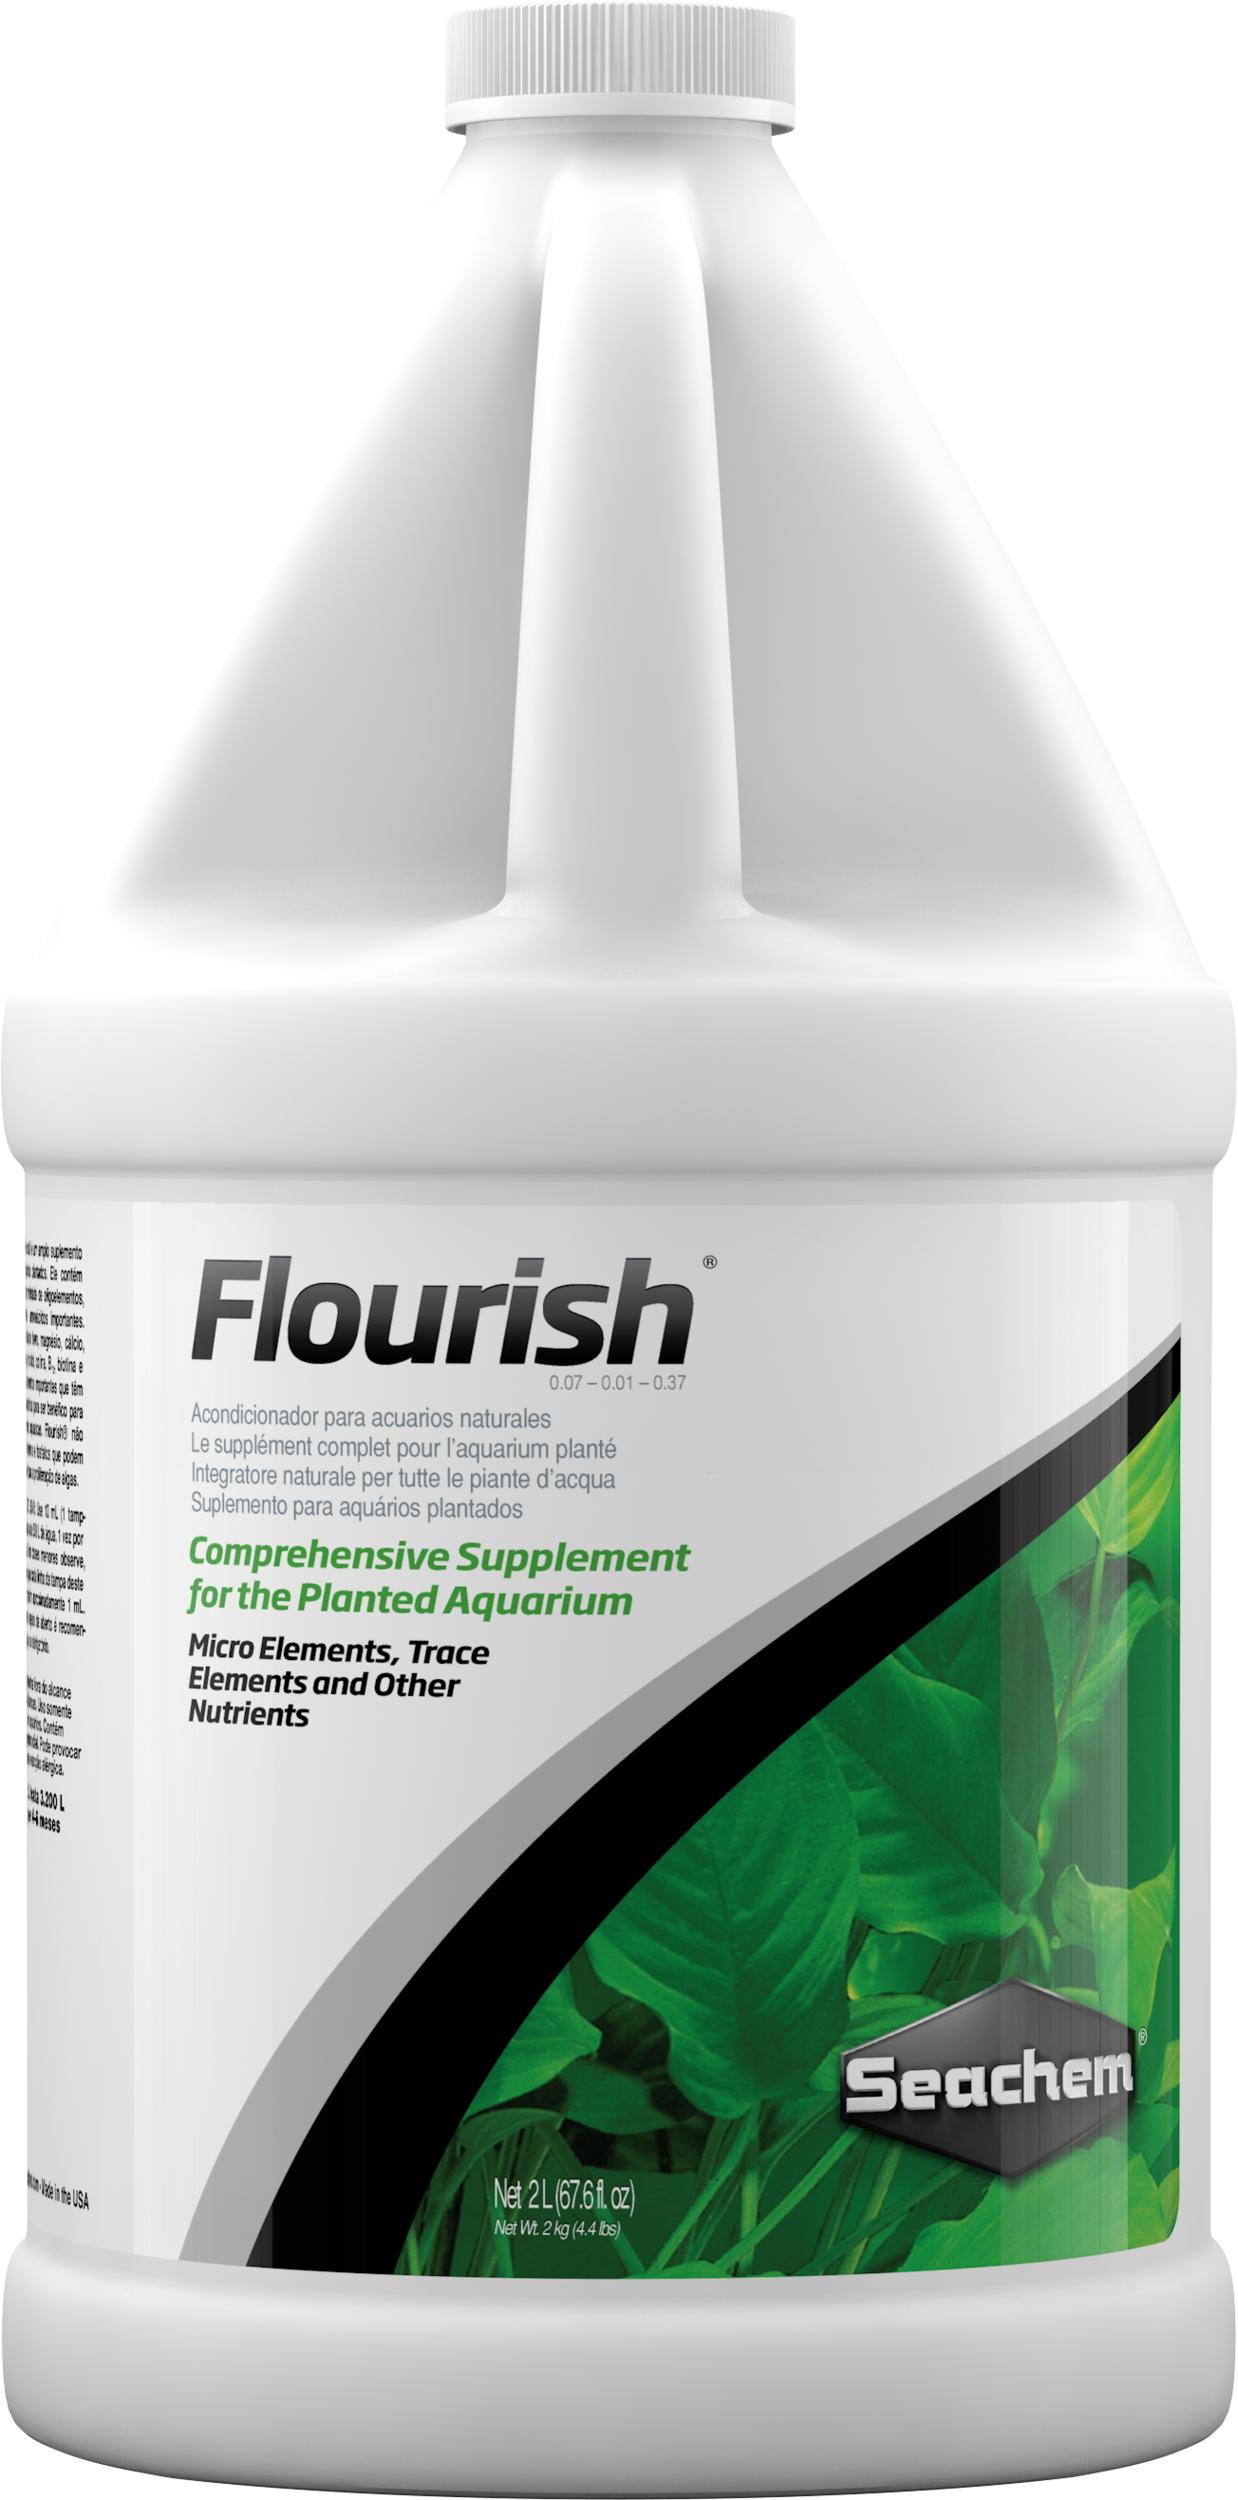 Flourish-2L